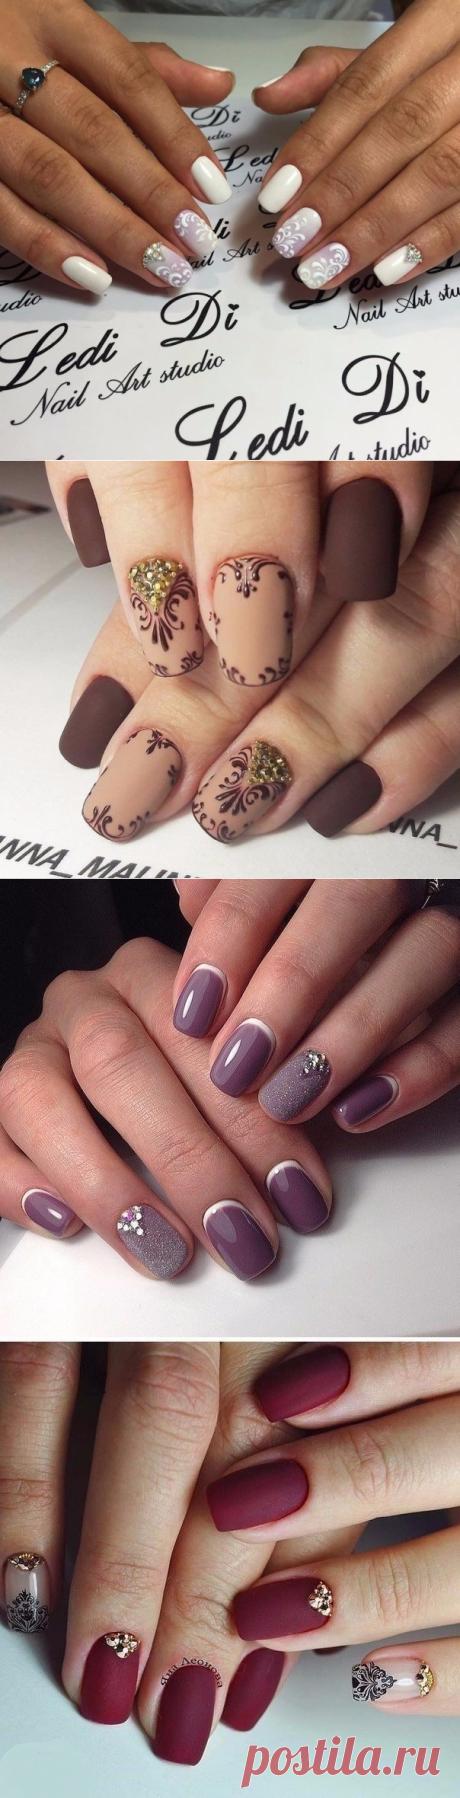 ¡Las ideas hermosas de la manicura! — es a la moda \/ Nemodno